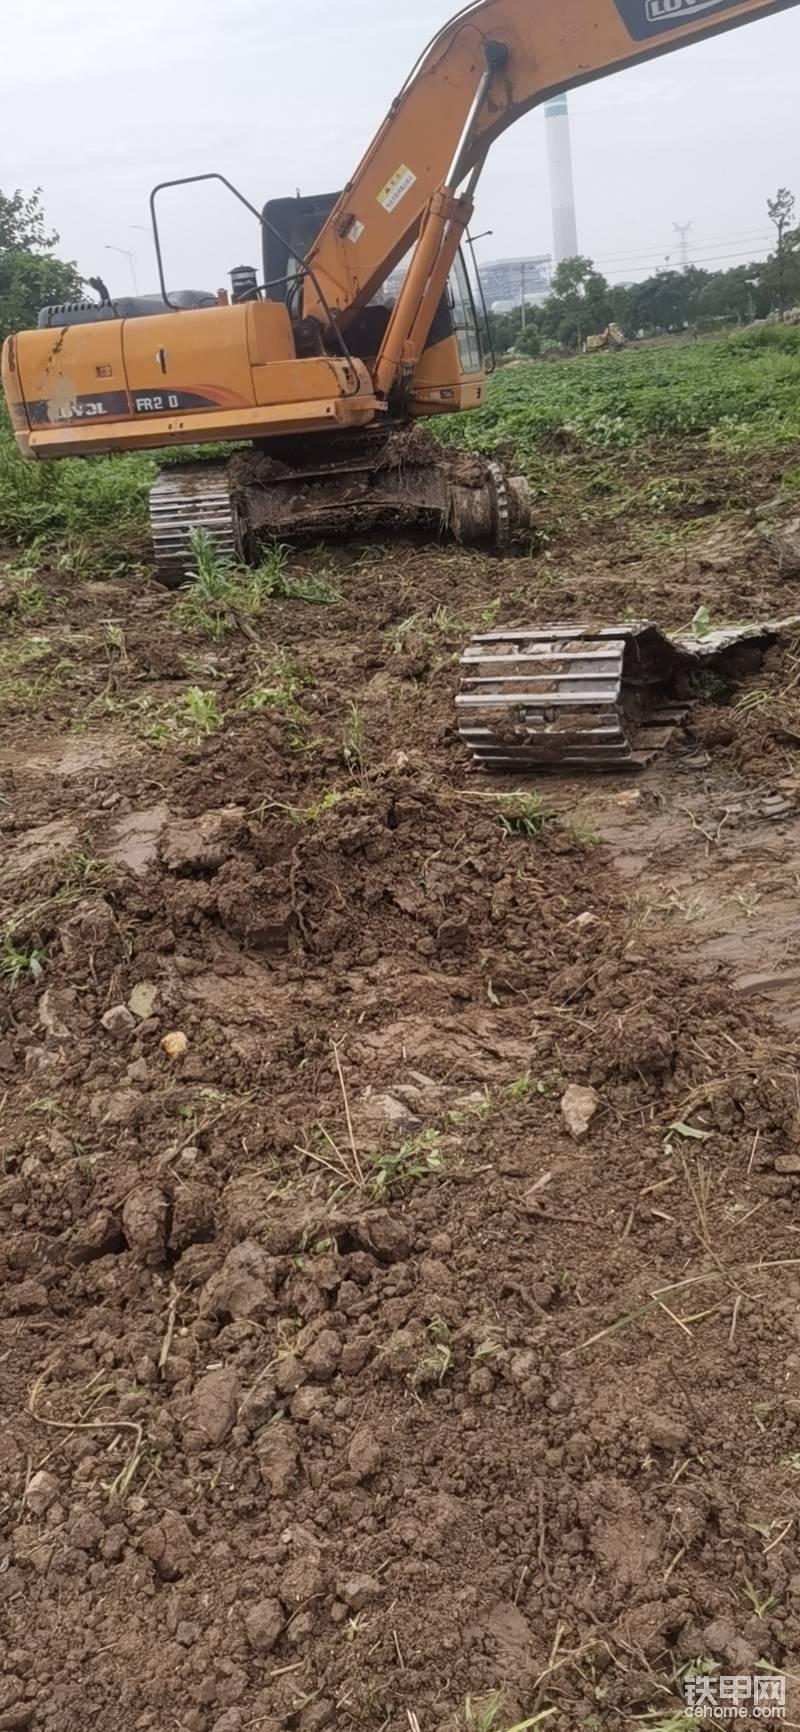 【我的成長記】渣渣學徒的菜鳥之路-帖子圖片